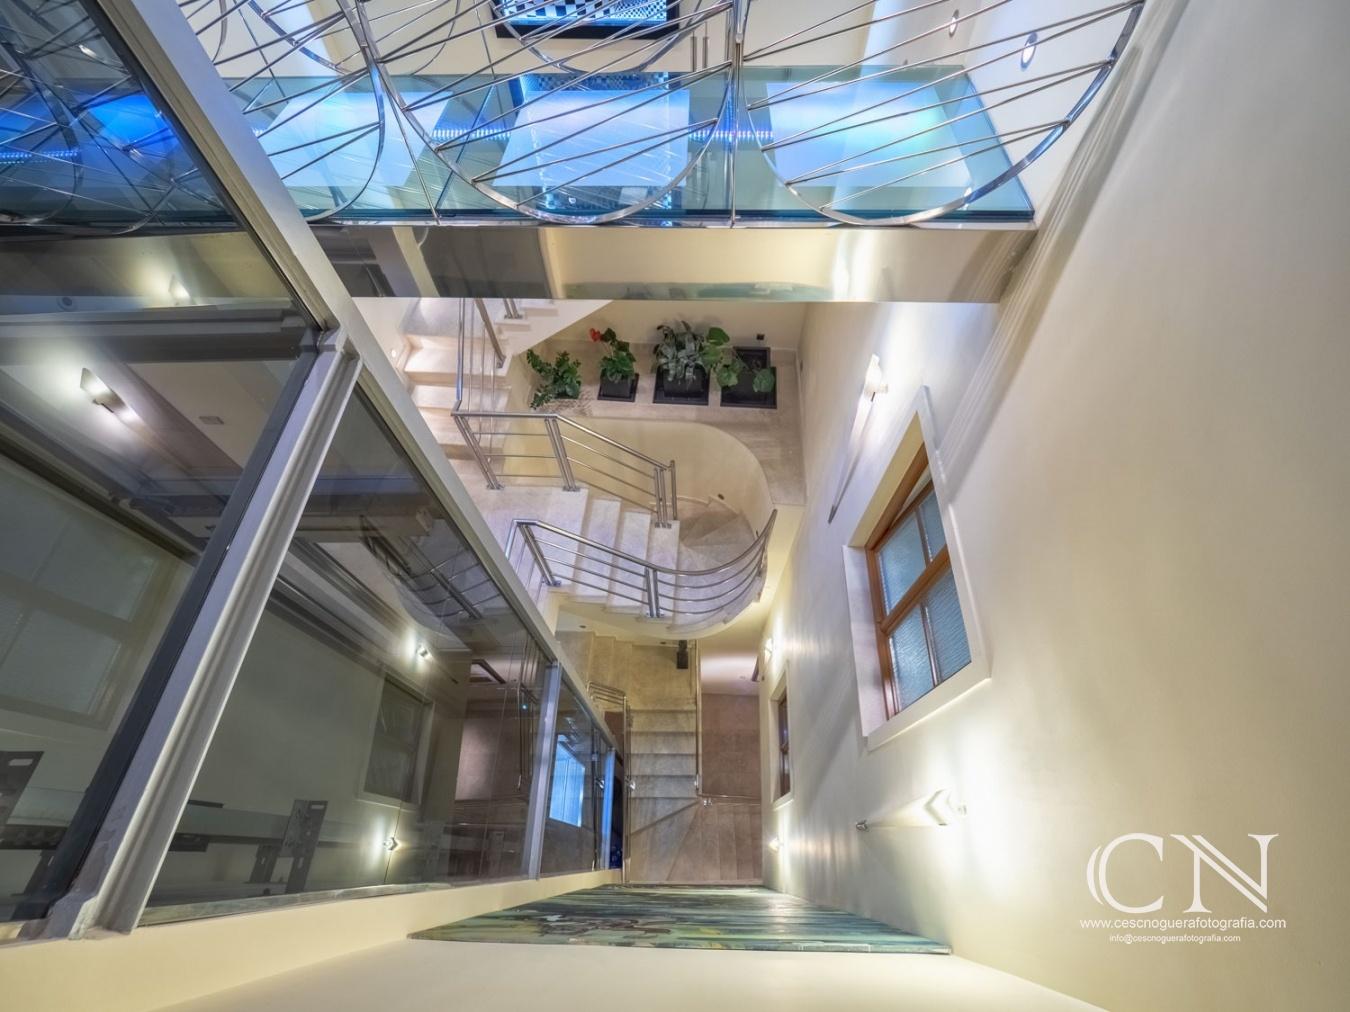 Casc antic de PAlma - Cesc Noguera Photography, Architectural & Interior design photographer / Landscape Photography